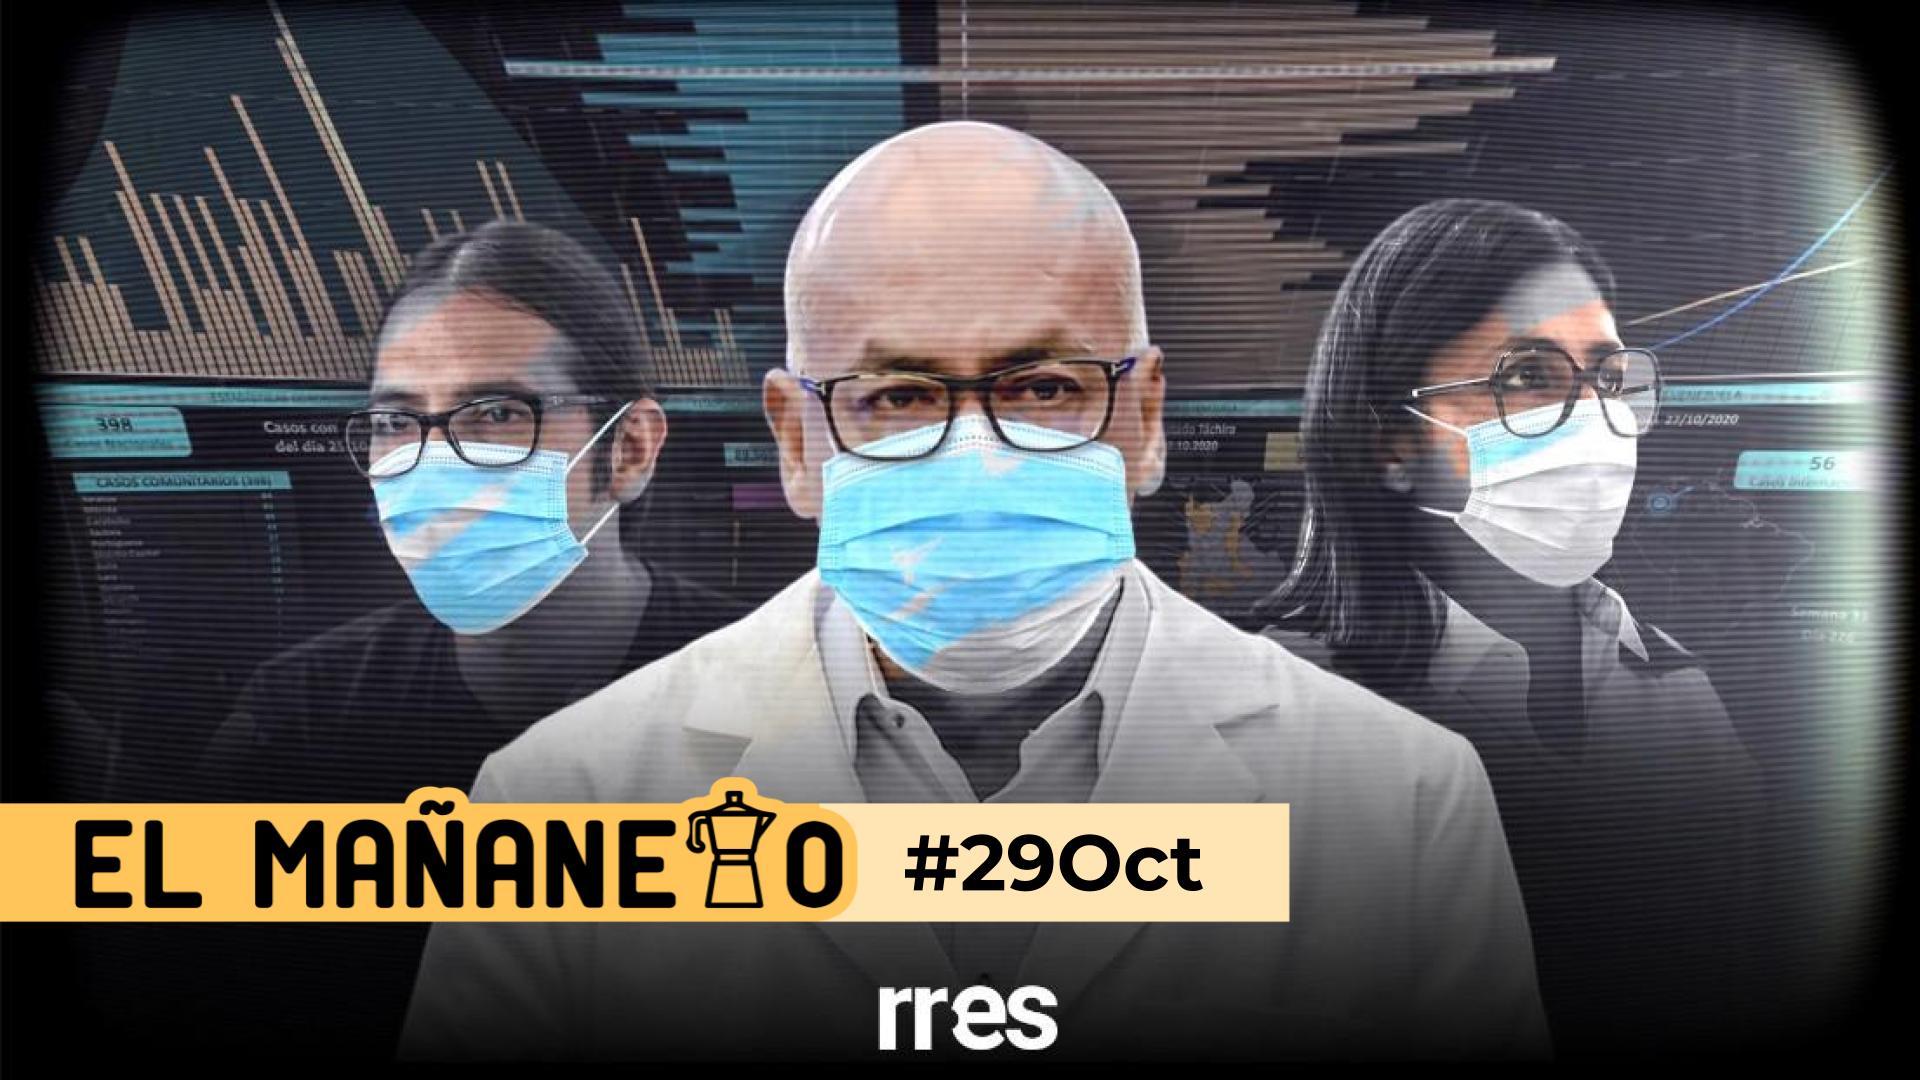 El Mañanero de hoy #29Oct: Las 8 noticias que debes saber